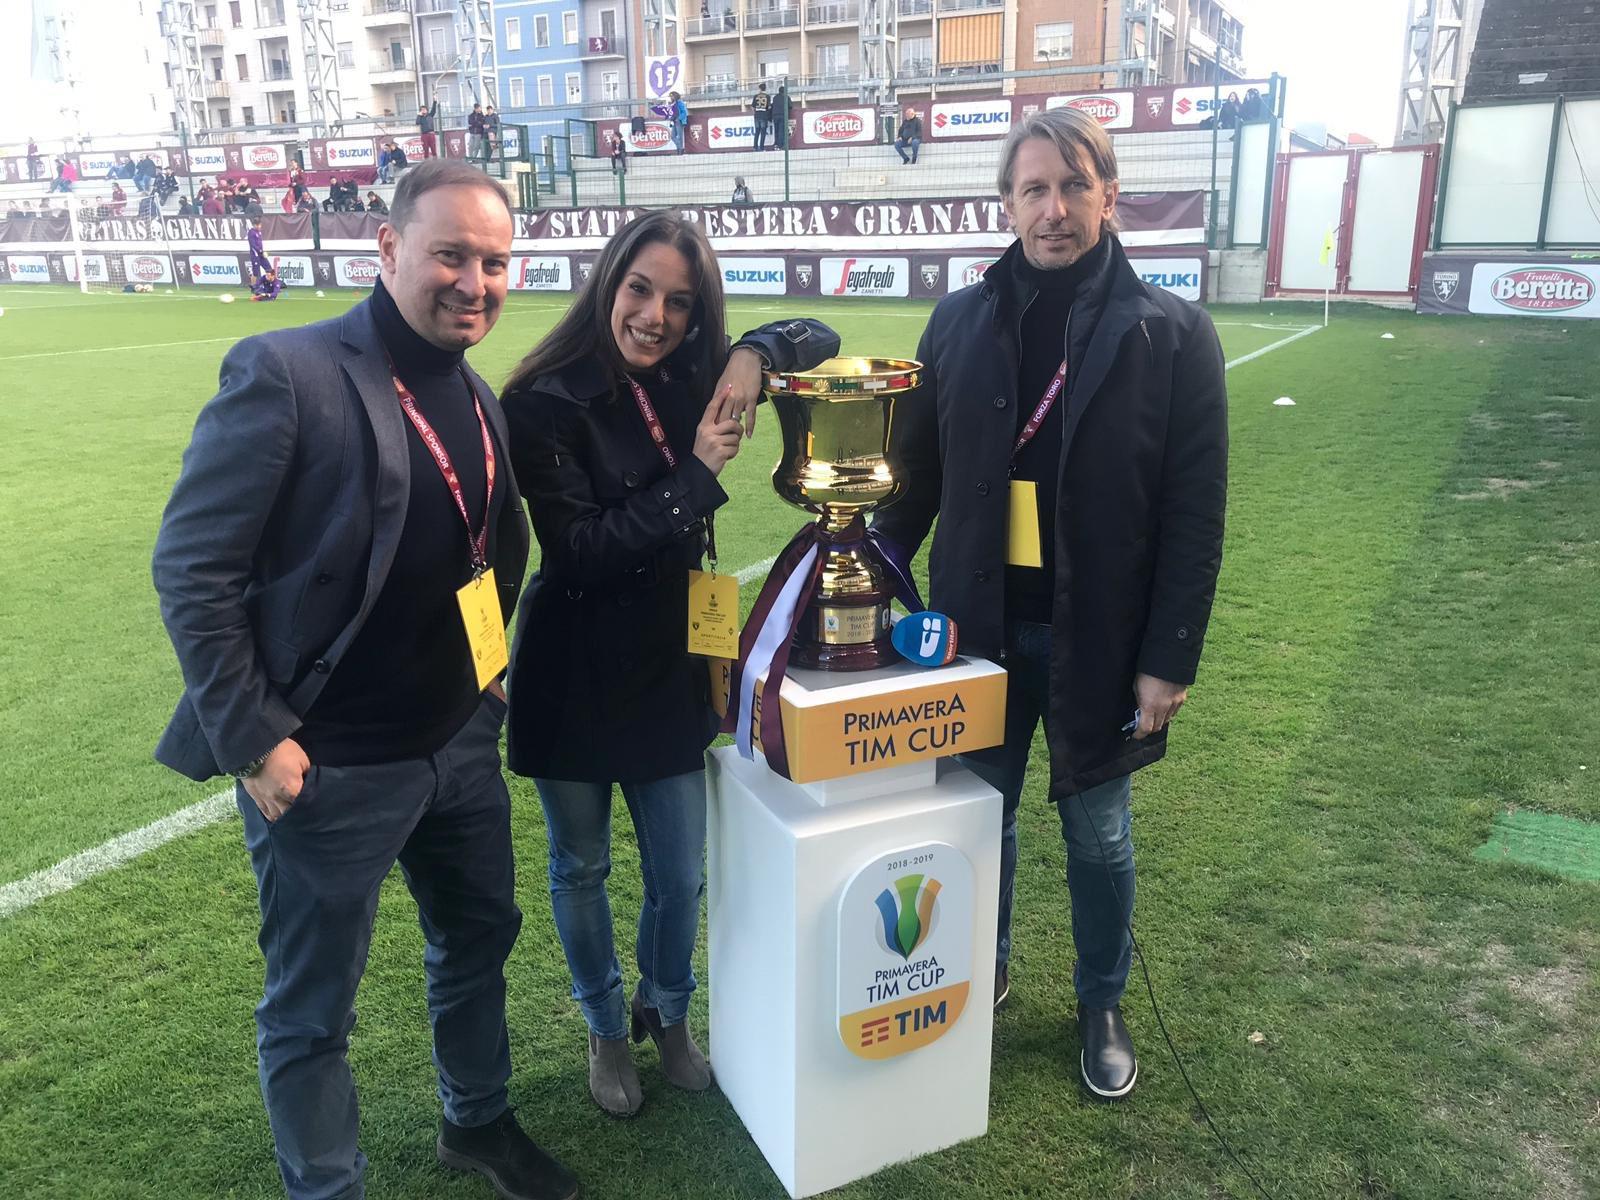 Sportitalia, Palinsesto Calcio 19 e 20 Aprile (Primavera 25a Giornata)